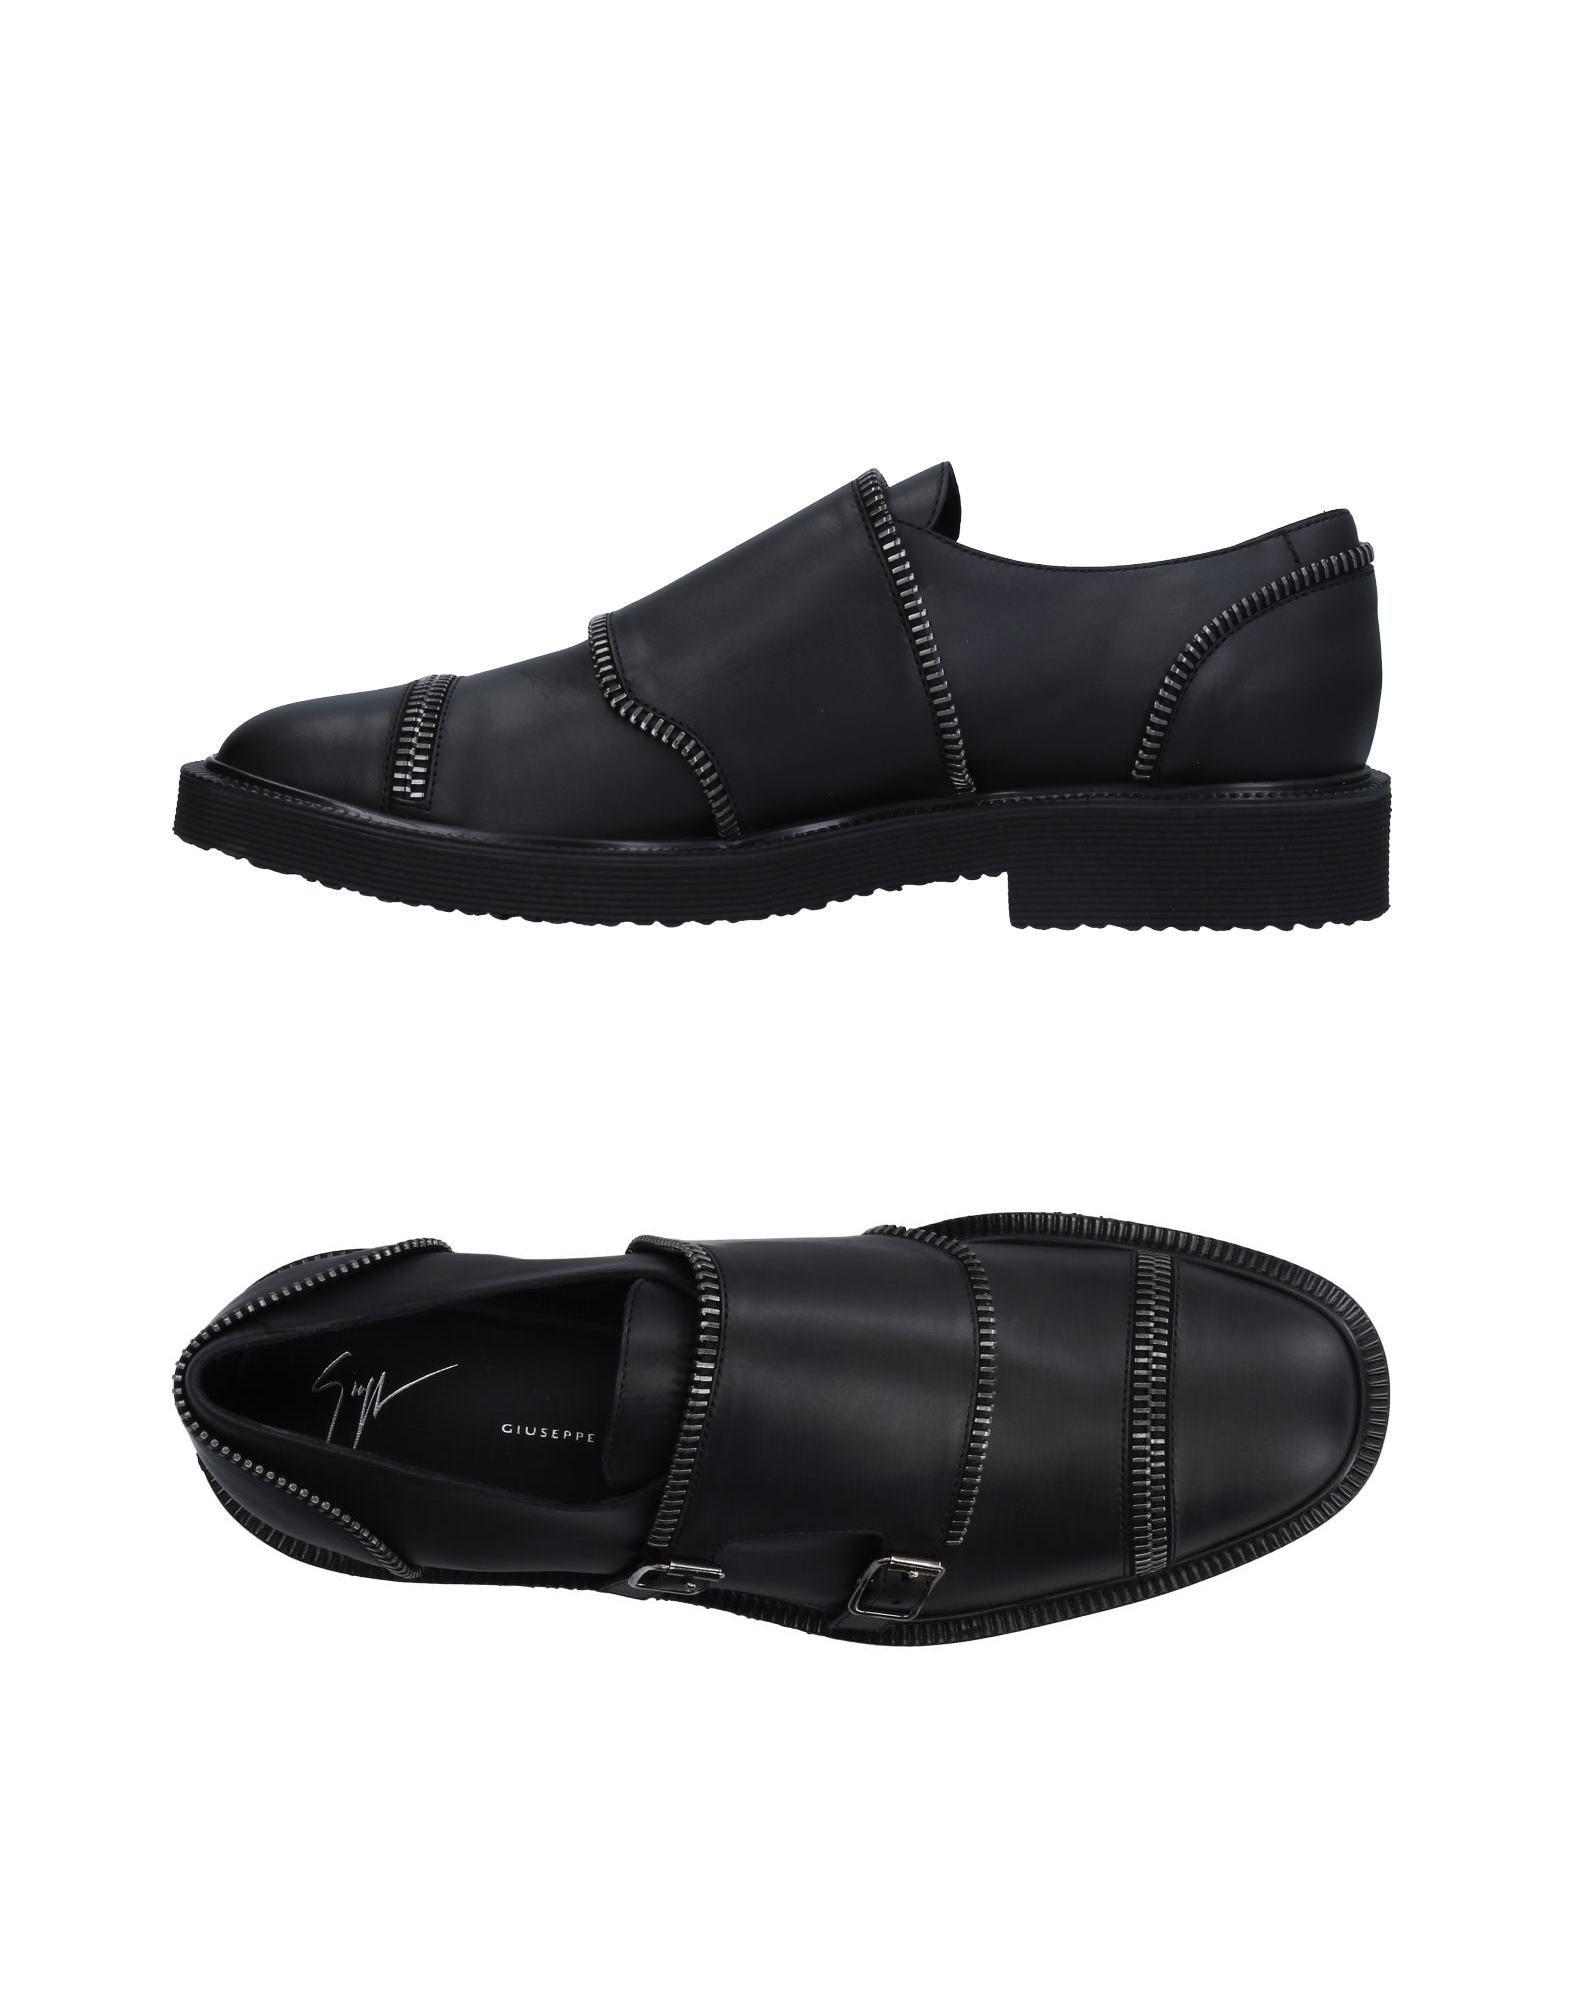 Giuseppe Zanotti Mokassins Herren  11262407KB Gute Qualität beliebte Schuhe